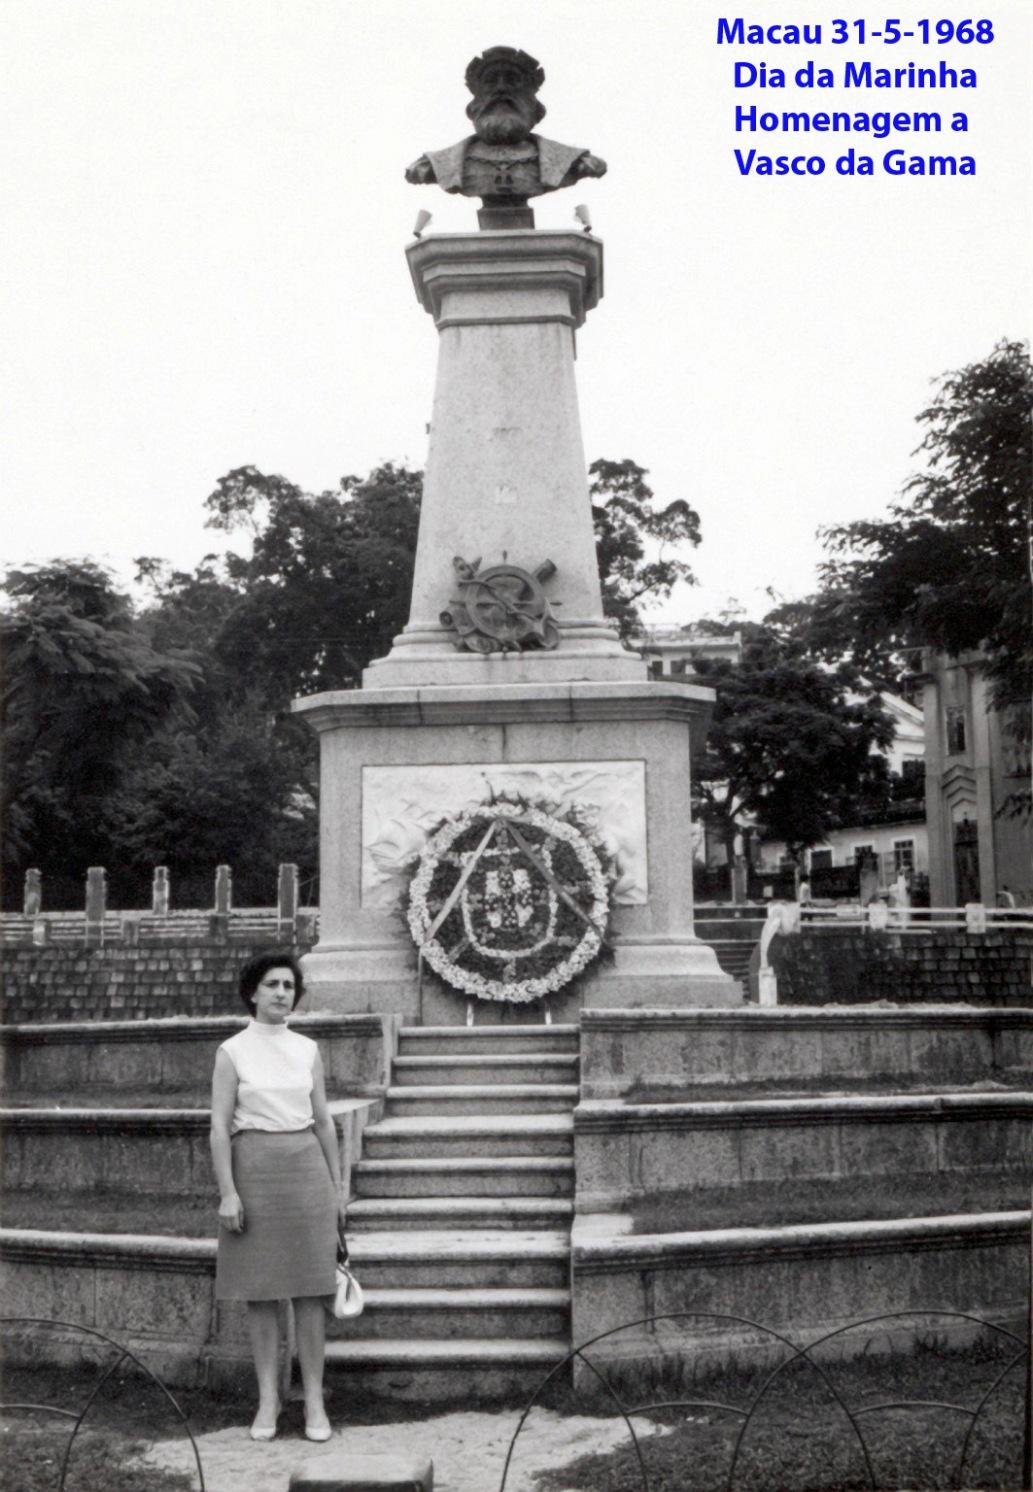 065 68-05-31 Dia da Marinha Lena ao pé da estátua de Vasco da Gama